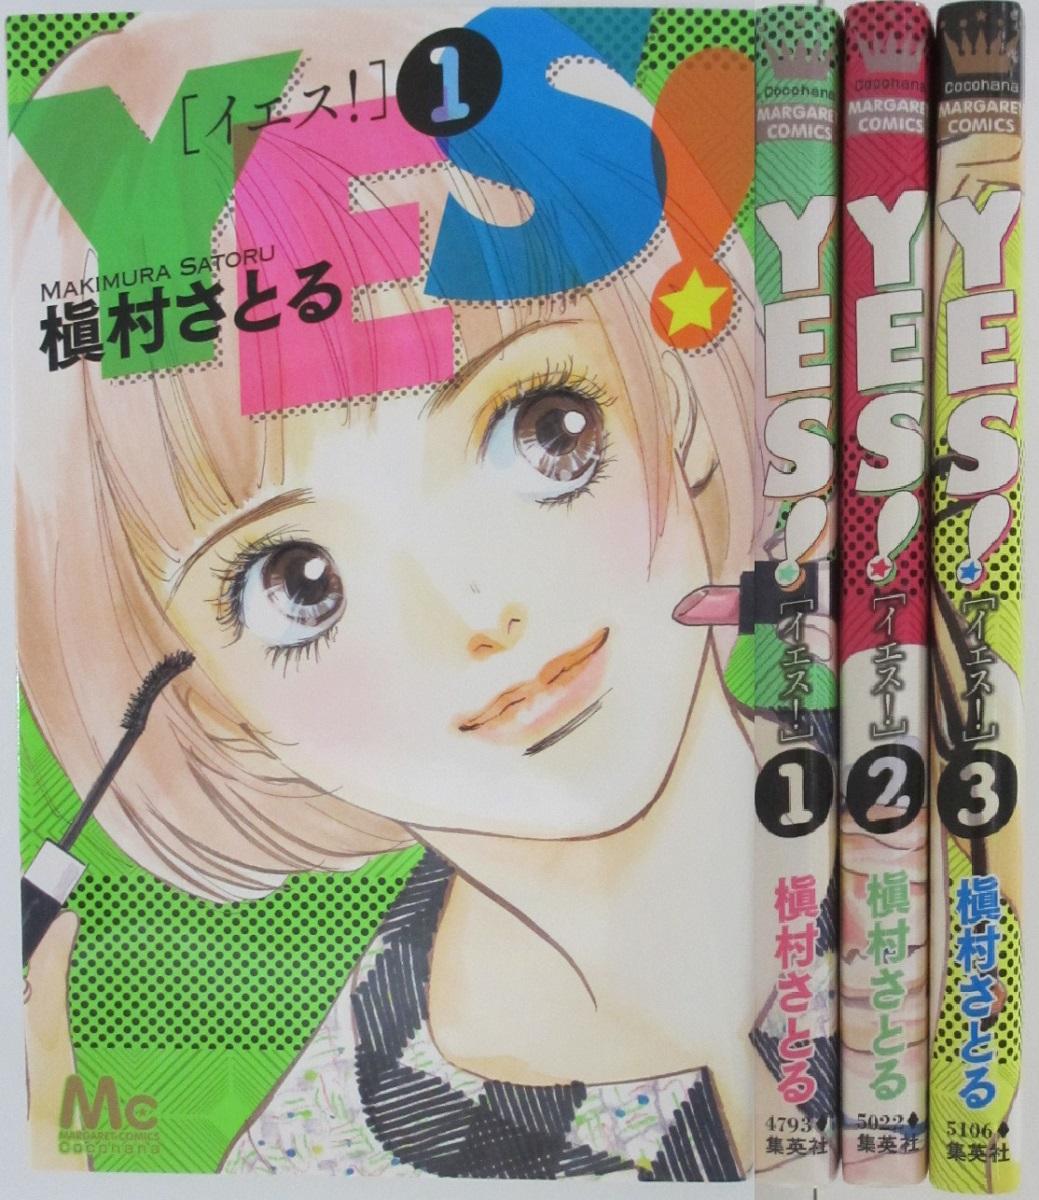 中古コミック YES 全巻セット 期間限定特別価格 槇村さとる 在庫あり 1-3